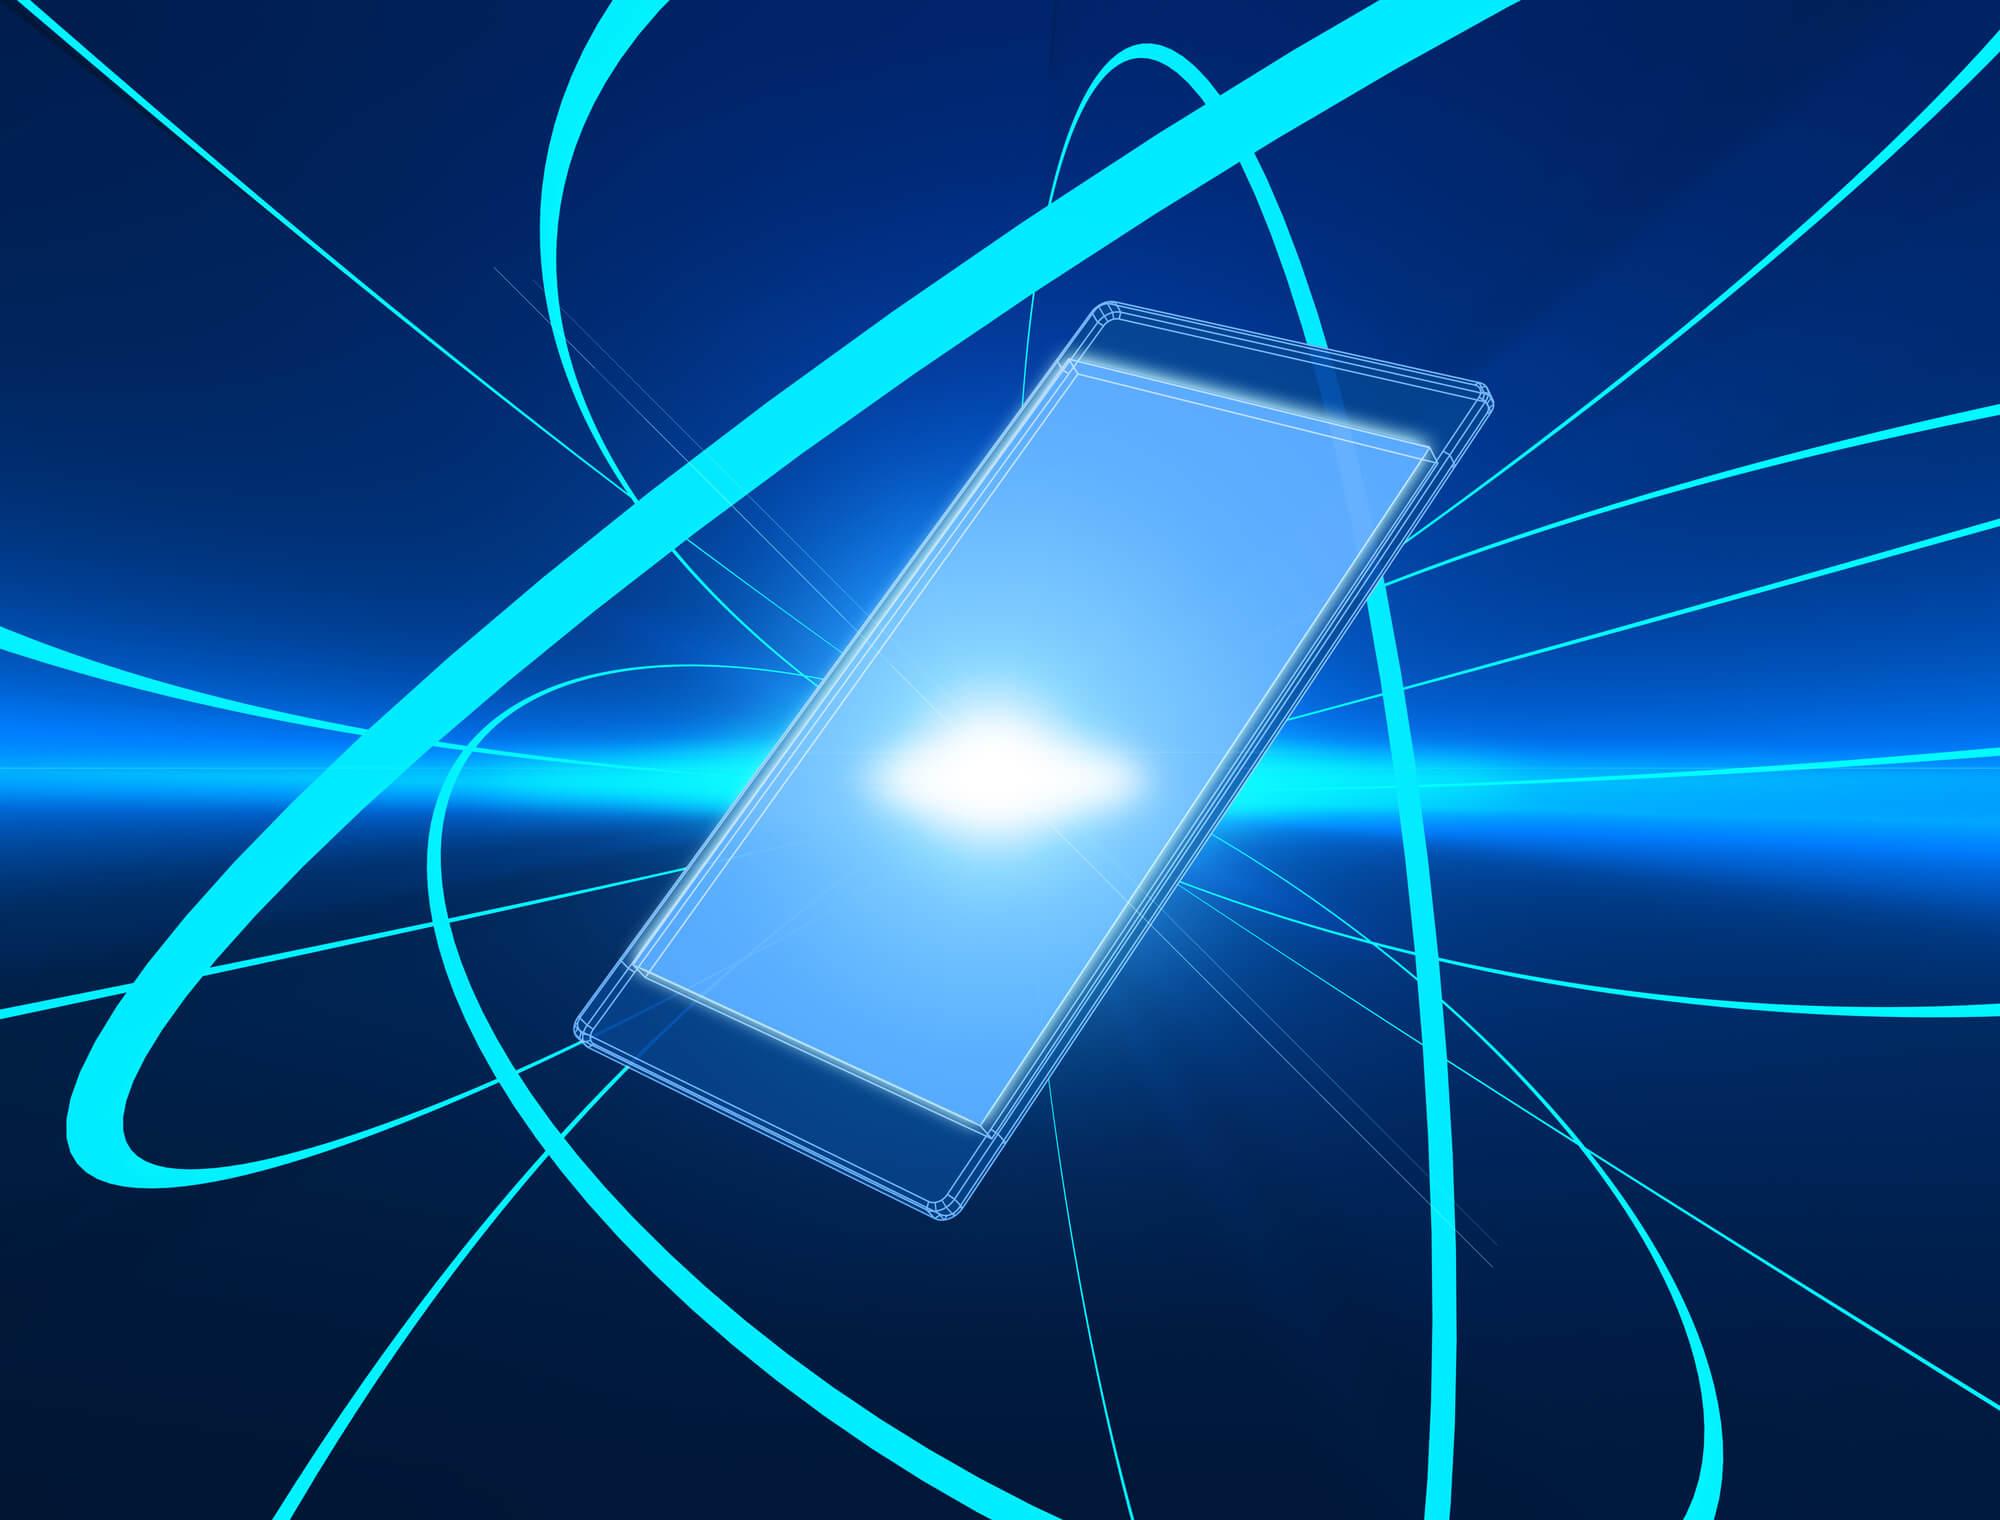 低速通信を考えた上での格安SIMの選び方